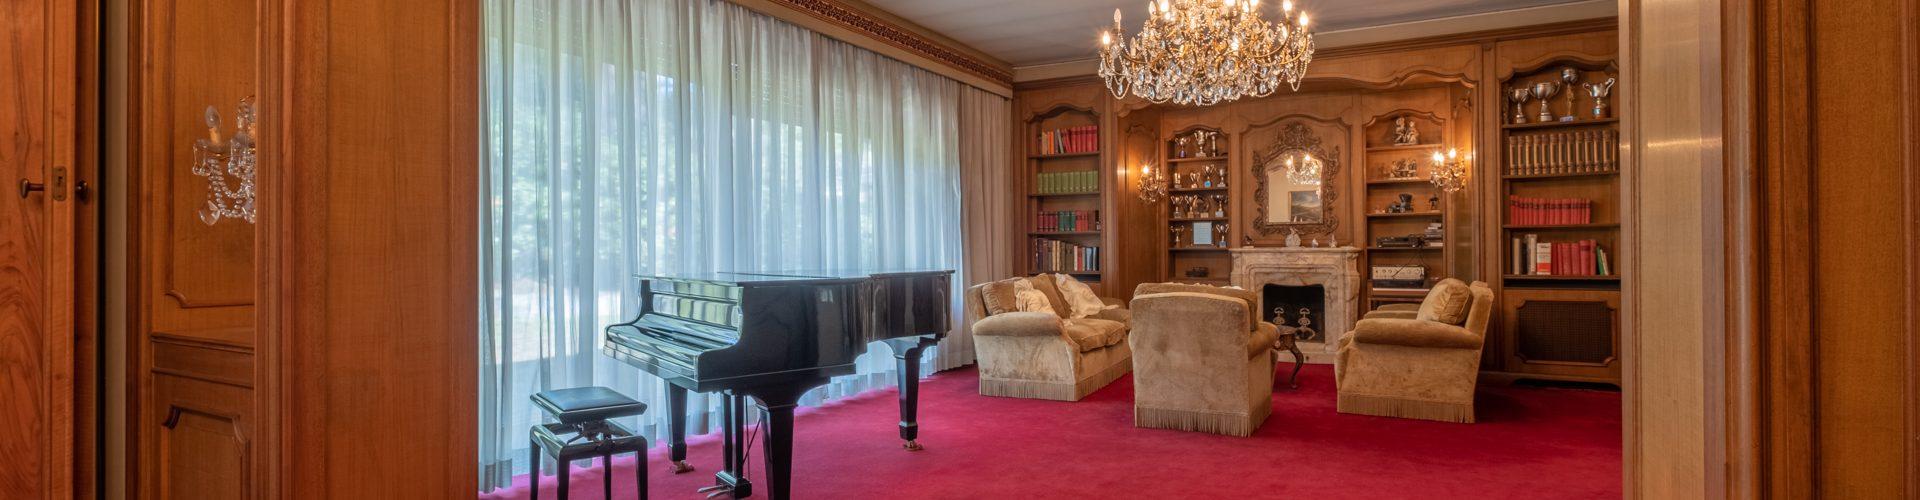 servizio fotografico appartamenti, roma, fotografie immobili,www.fotografoimmobili.it, claudio rossetti